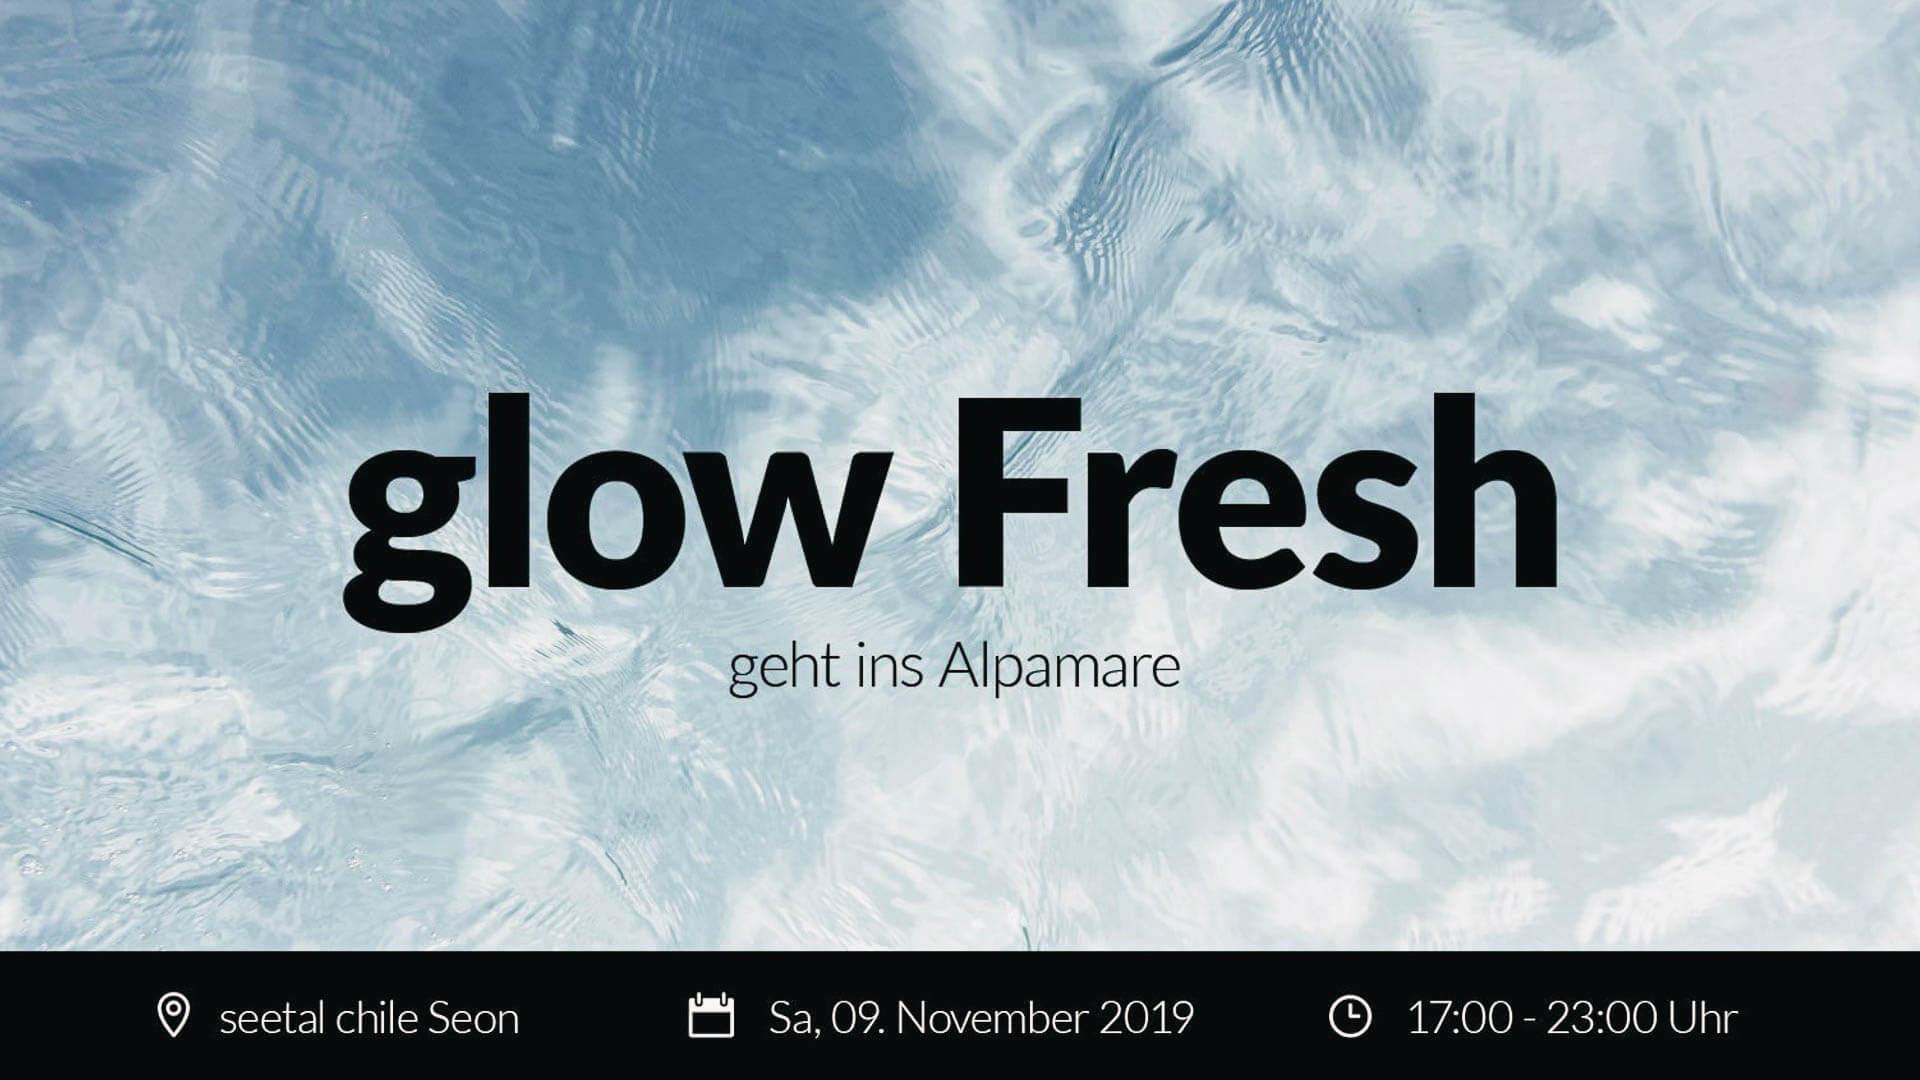 glowFresh_Alpamare_9112019